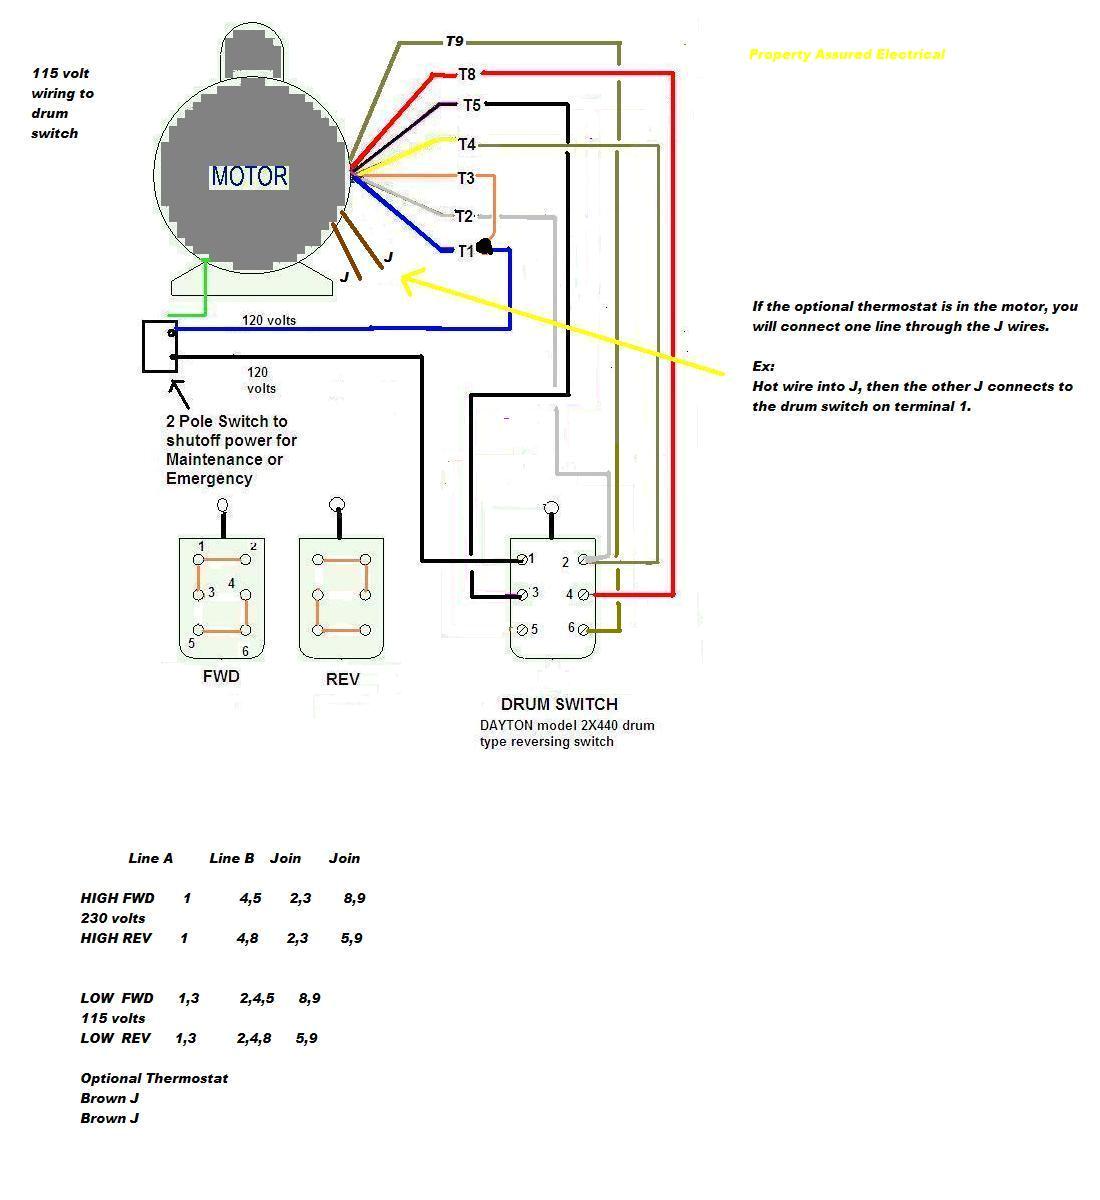 480v 3 Phase Motor Wiring Diagram 480v 3 Phase Motor Wiring Diagram New 480v Single Phase Wiring